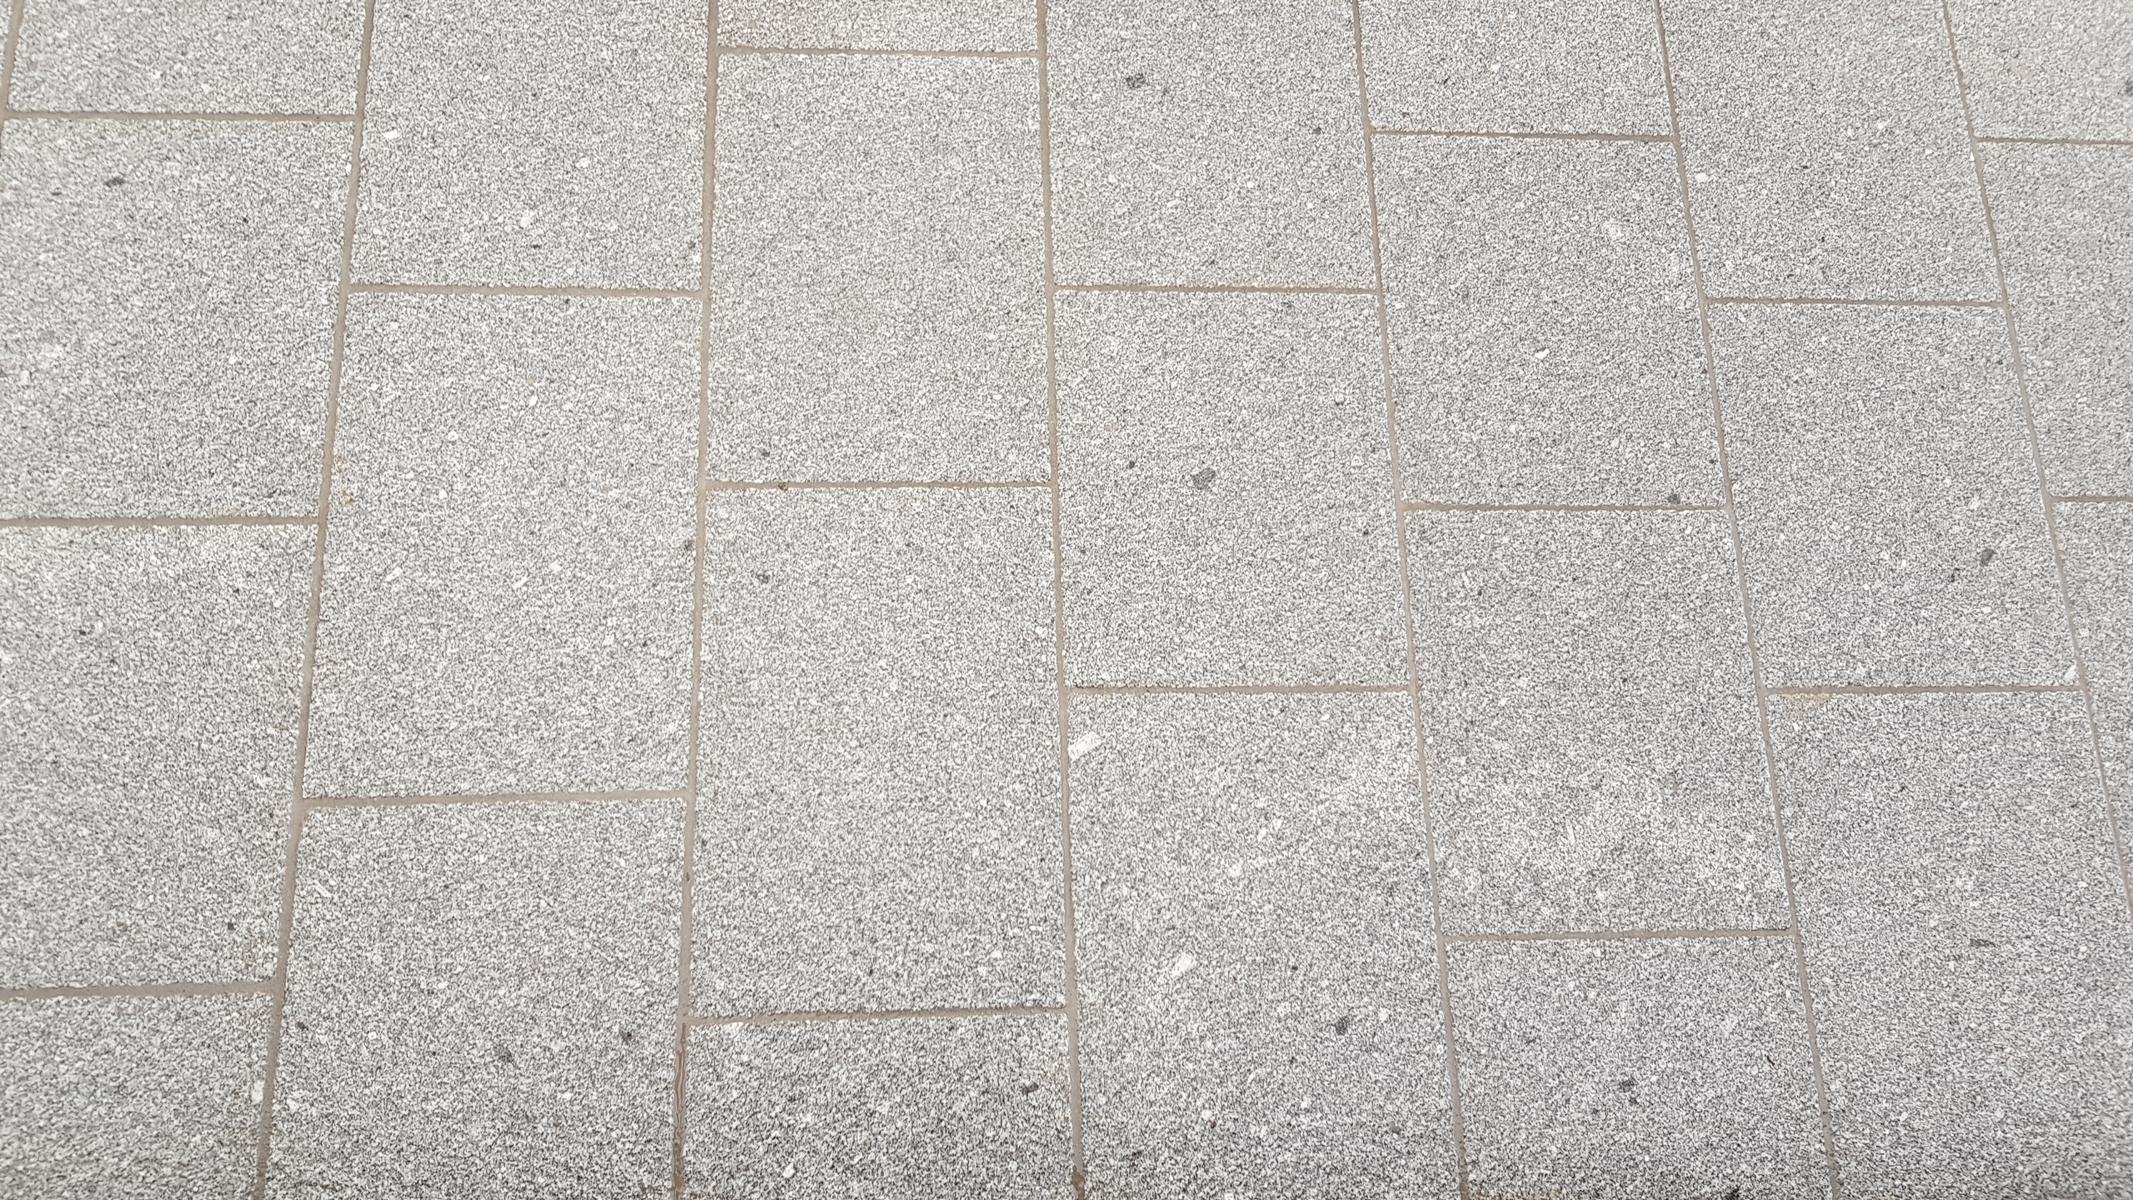 Perger Bodenplatten3 NASS